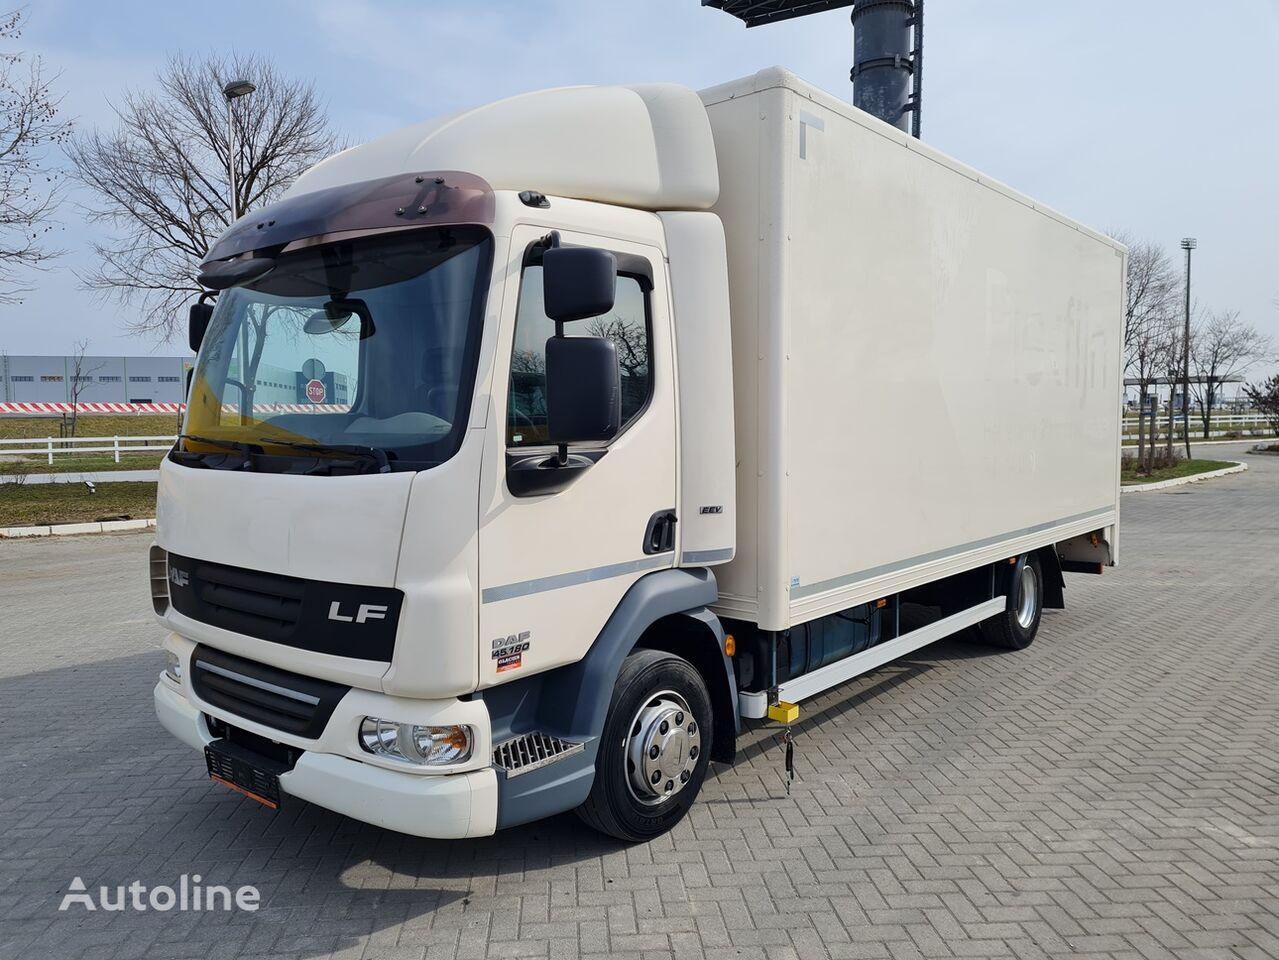 DAF LF45.180 5.6m / NL brief kamion furgon